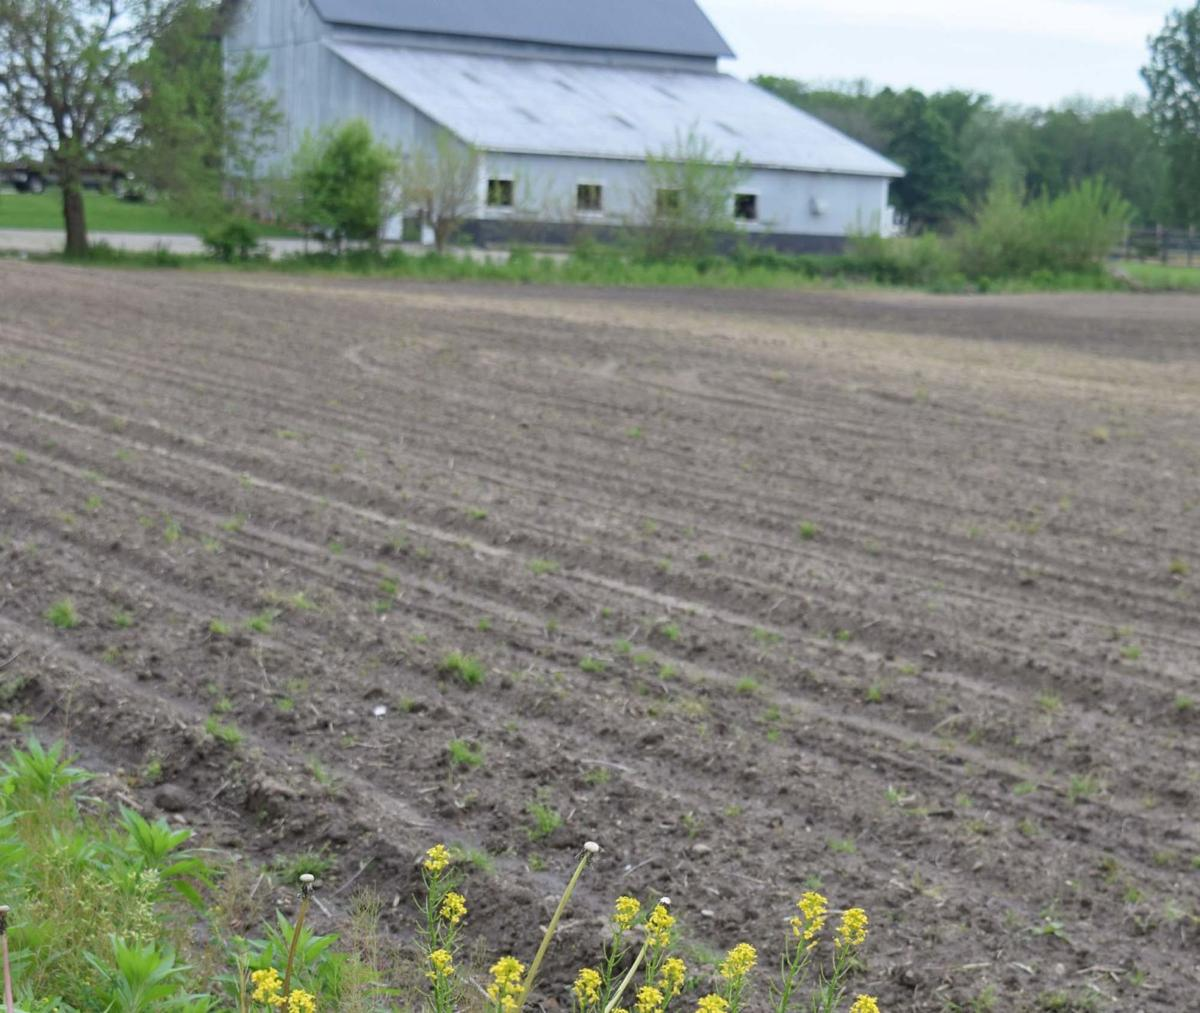 Soggy farm field 2